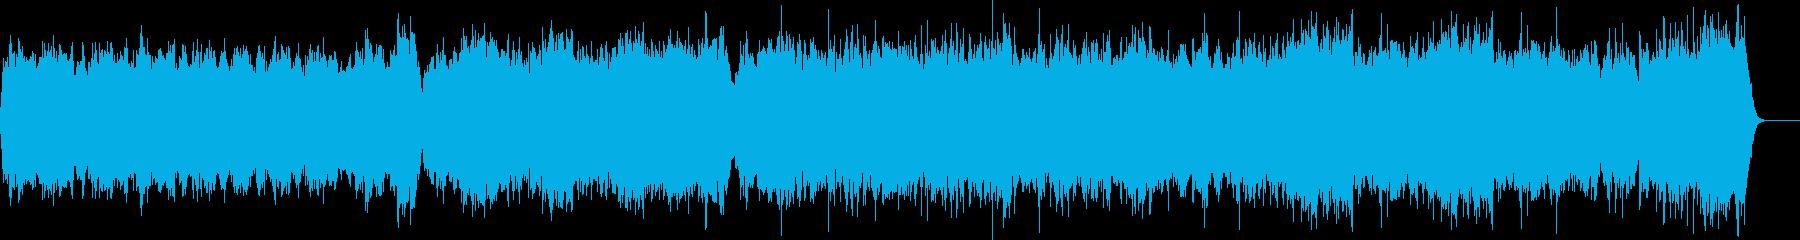 カヴァレリア・ルスティカーナより間奏曲の再生済みの波形